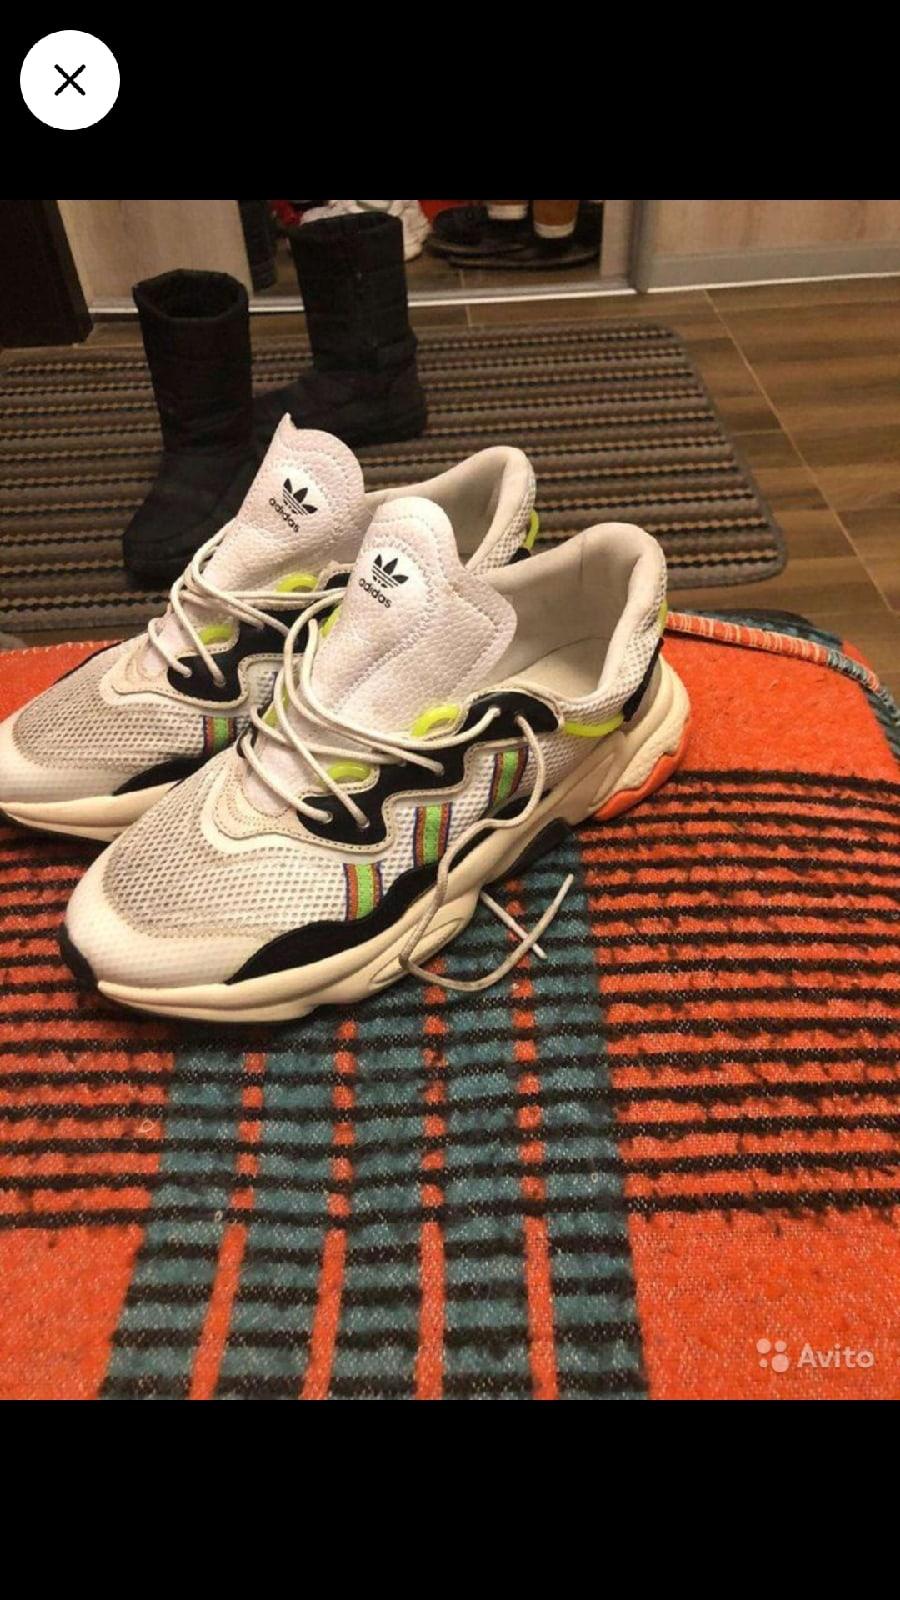 кроссовки Adidas ориганал 44 размер.